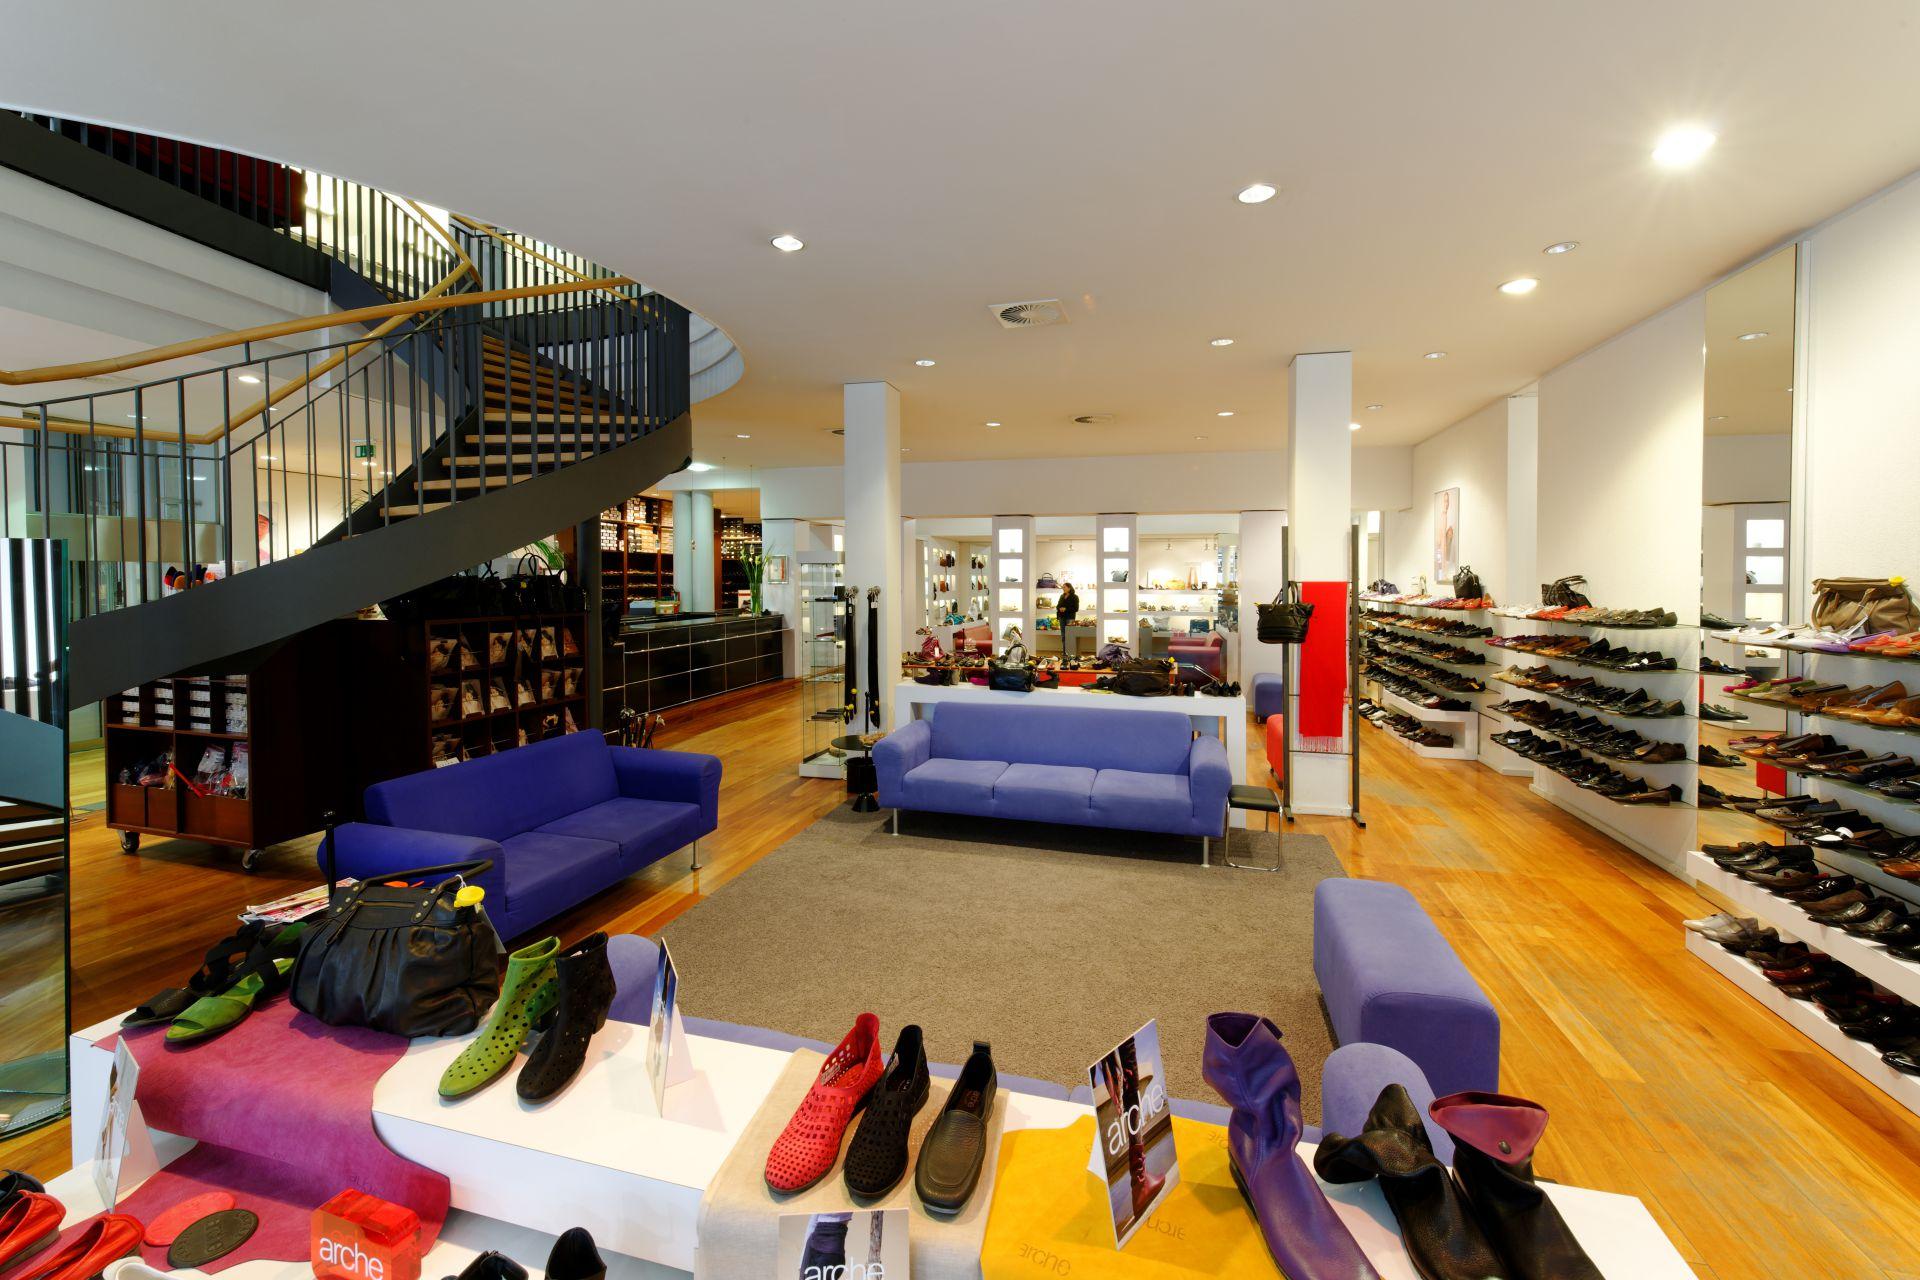 Schuhhaus Schütte Innenansicht - Treppe und violette Sofas